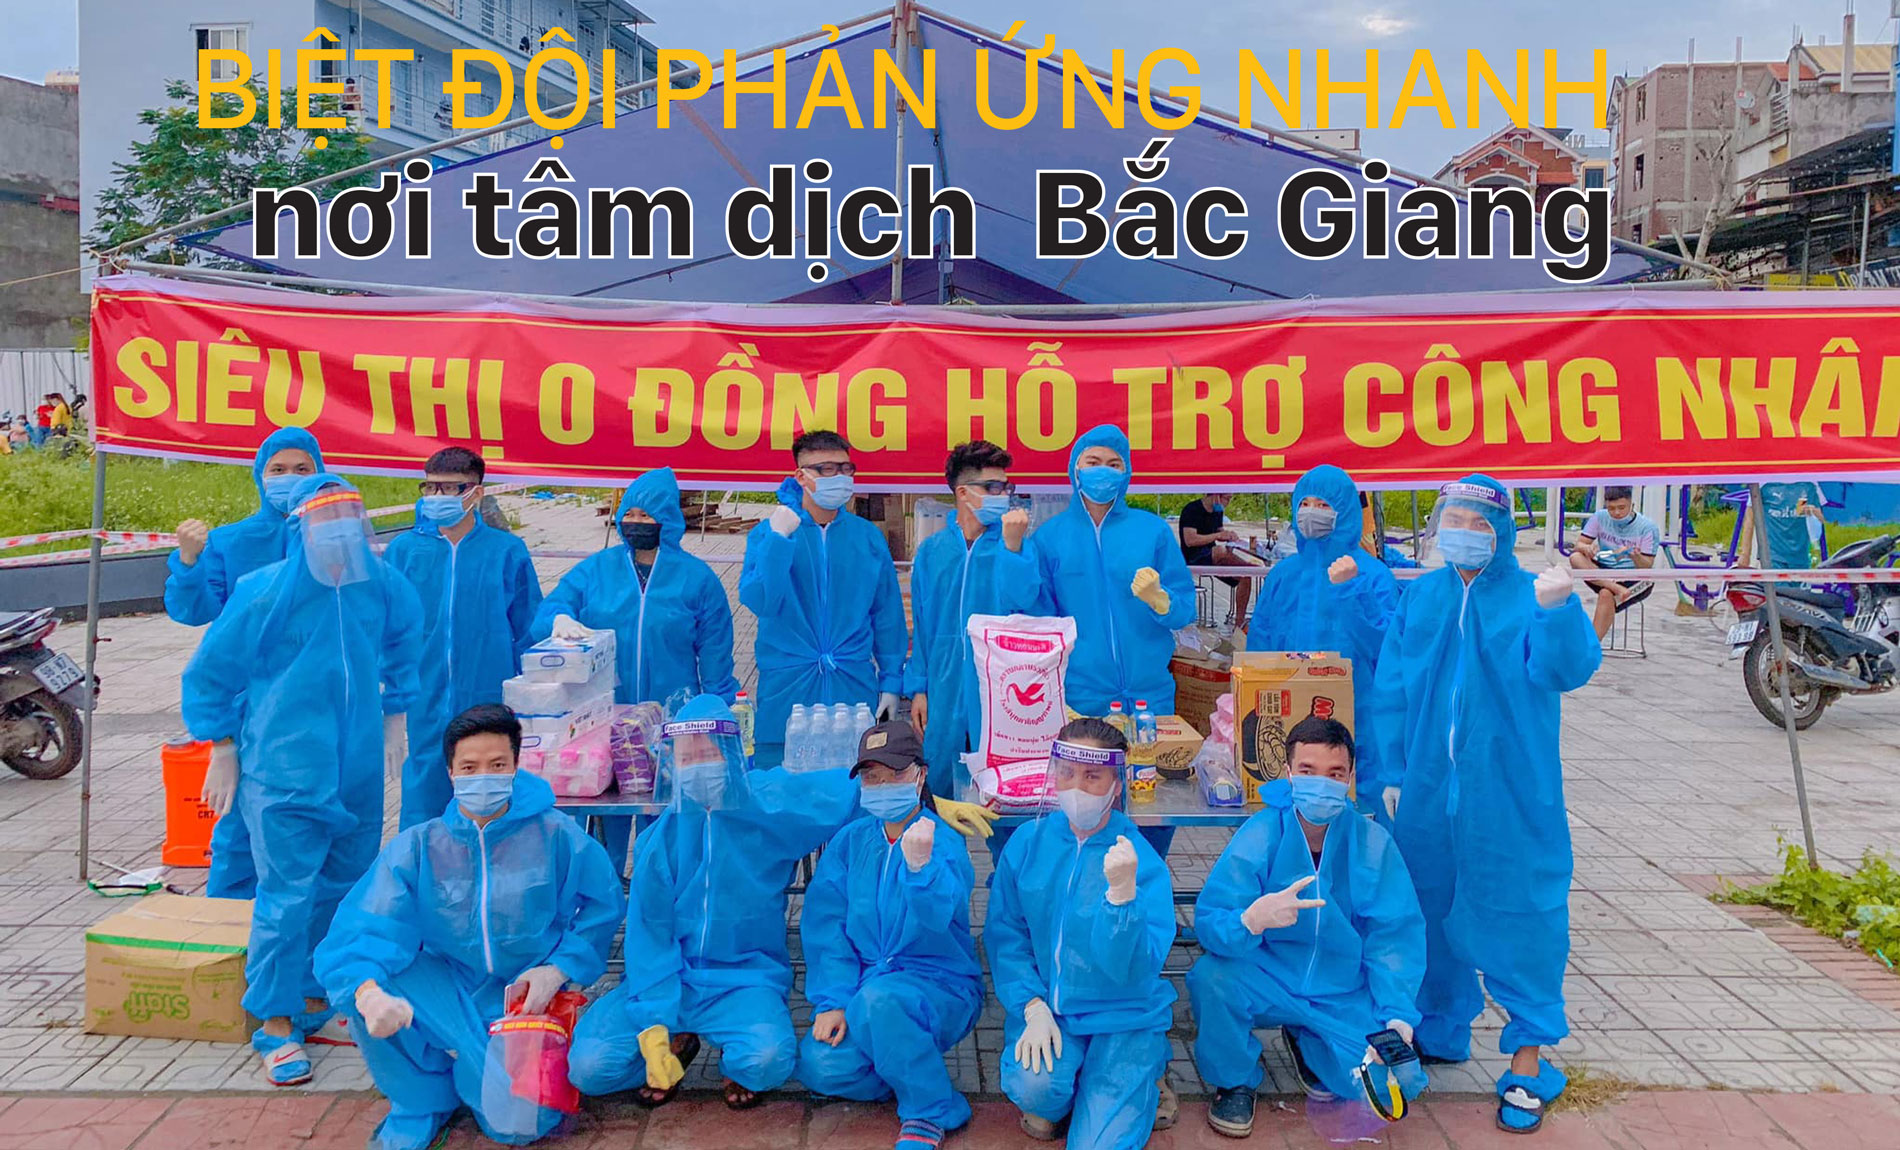 Biệt đội phản ứng nhanh nơi tâm dịch Bắc Giang